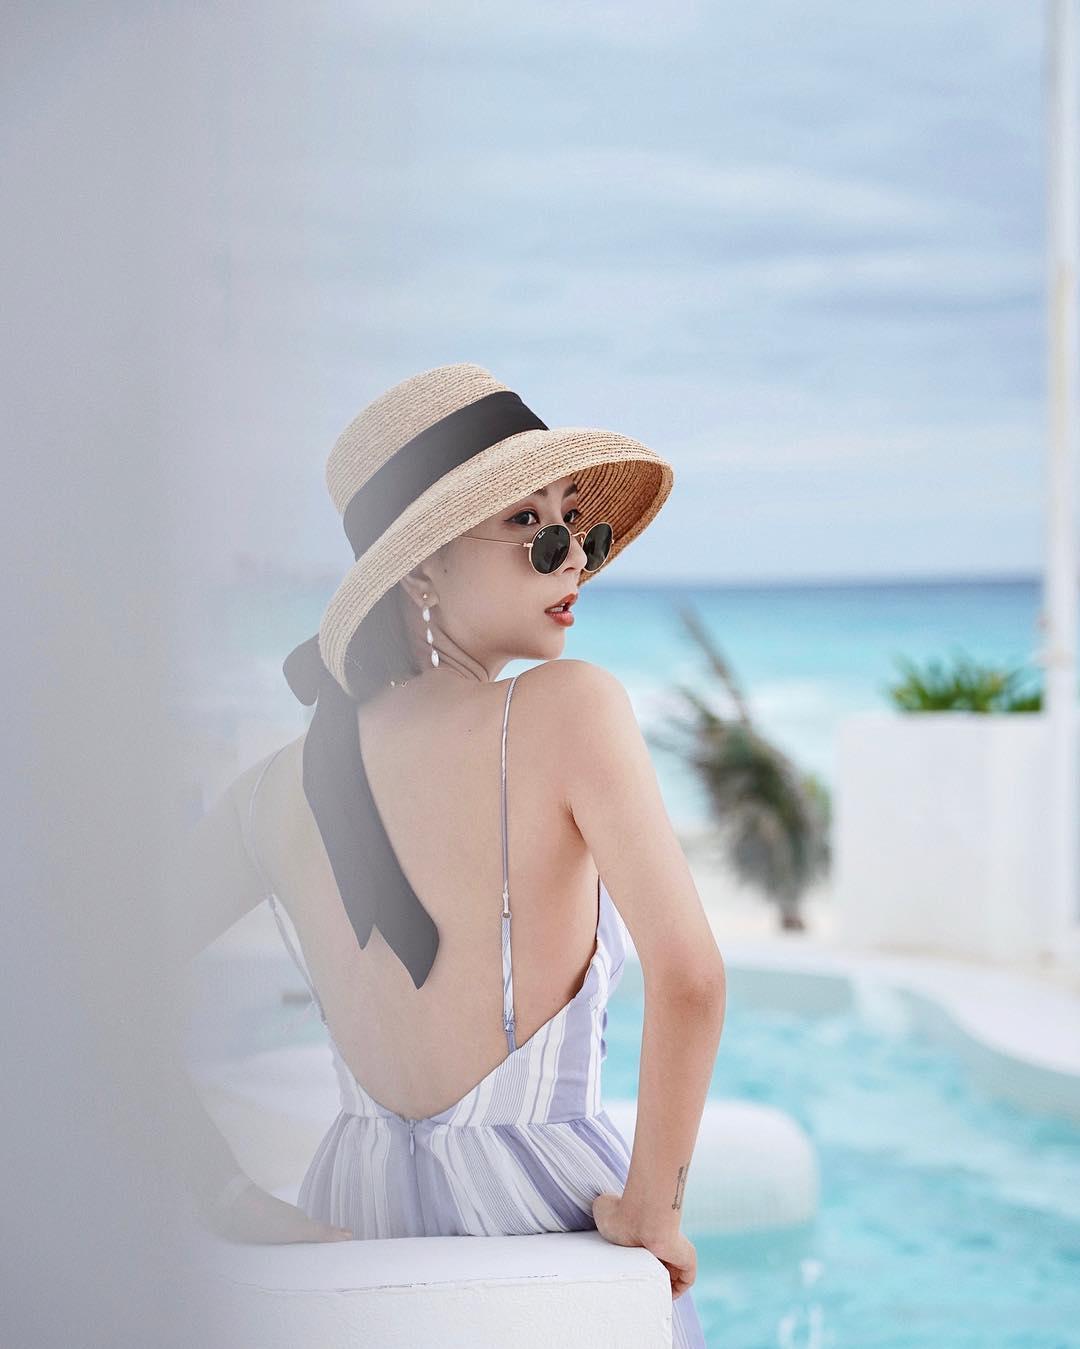 Đầm hai dây kẻ sọc hở lưng và mũ cói đi biển